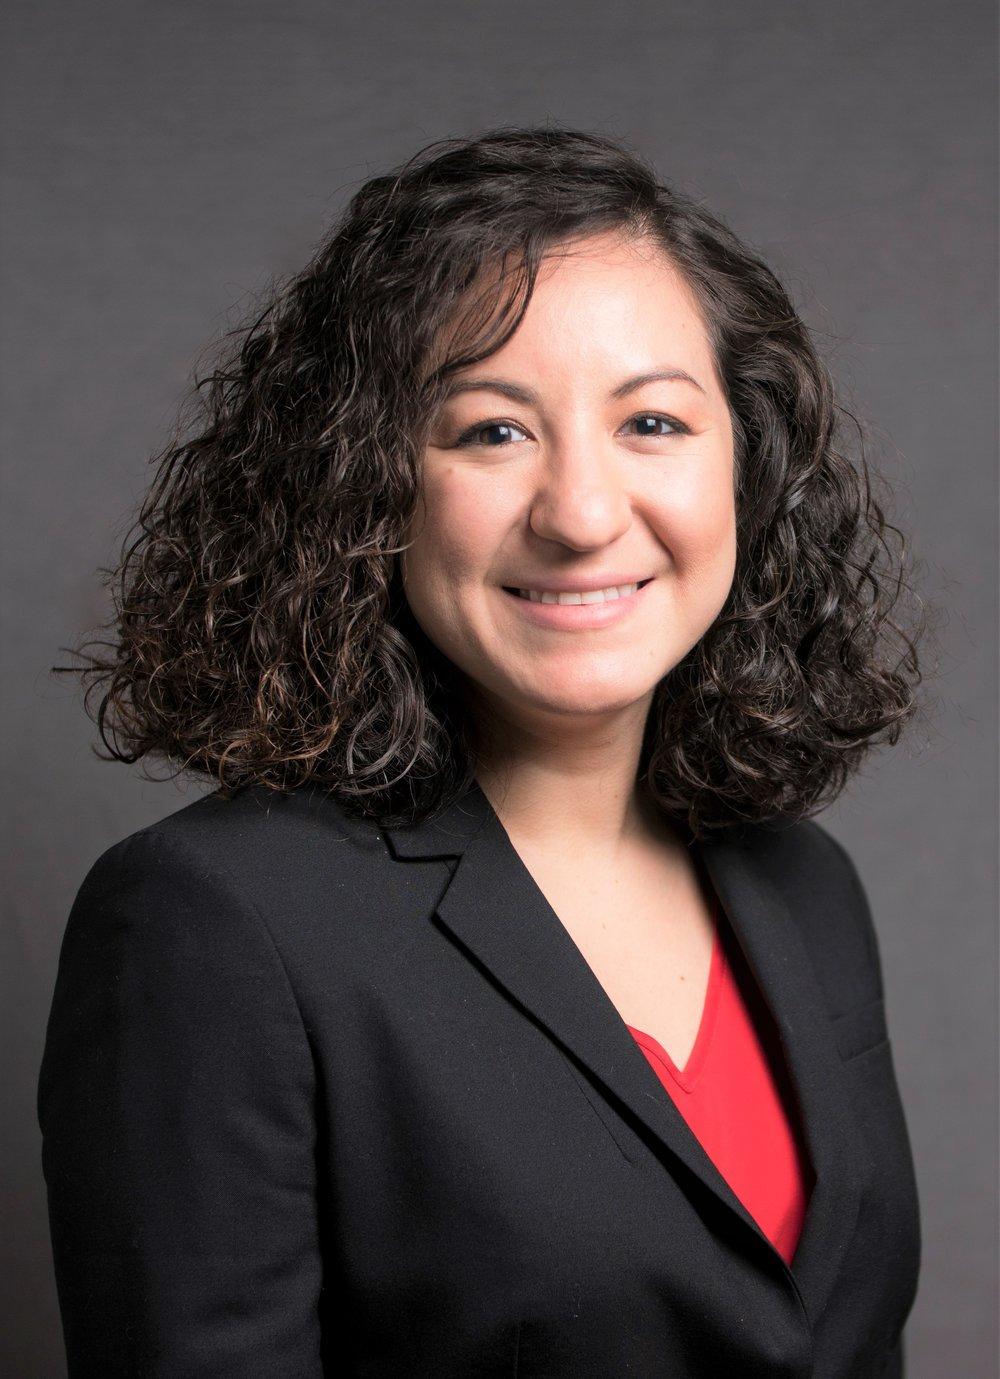 Ana Ortiz, MPH & MD Candidate